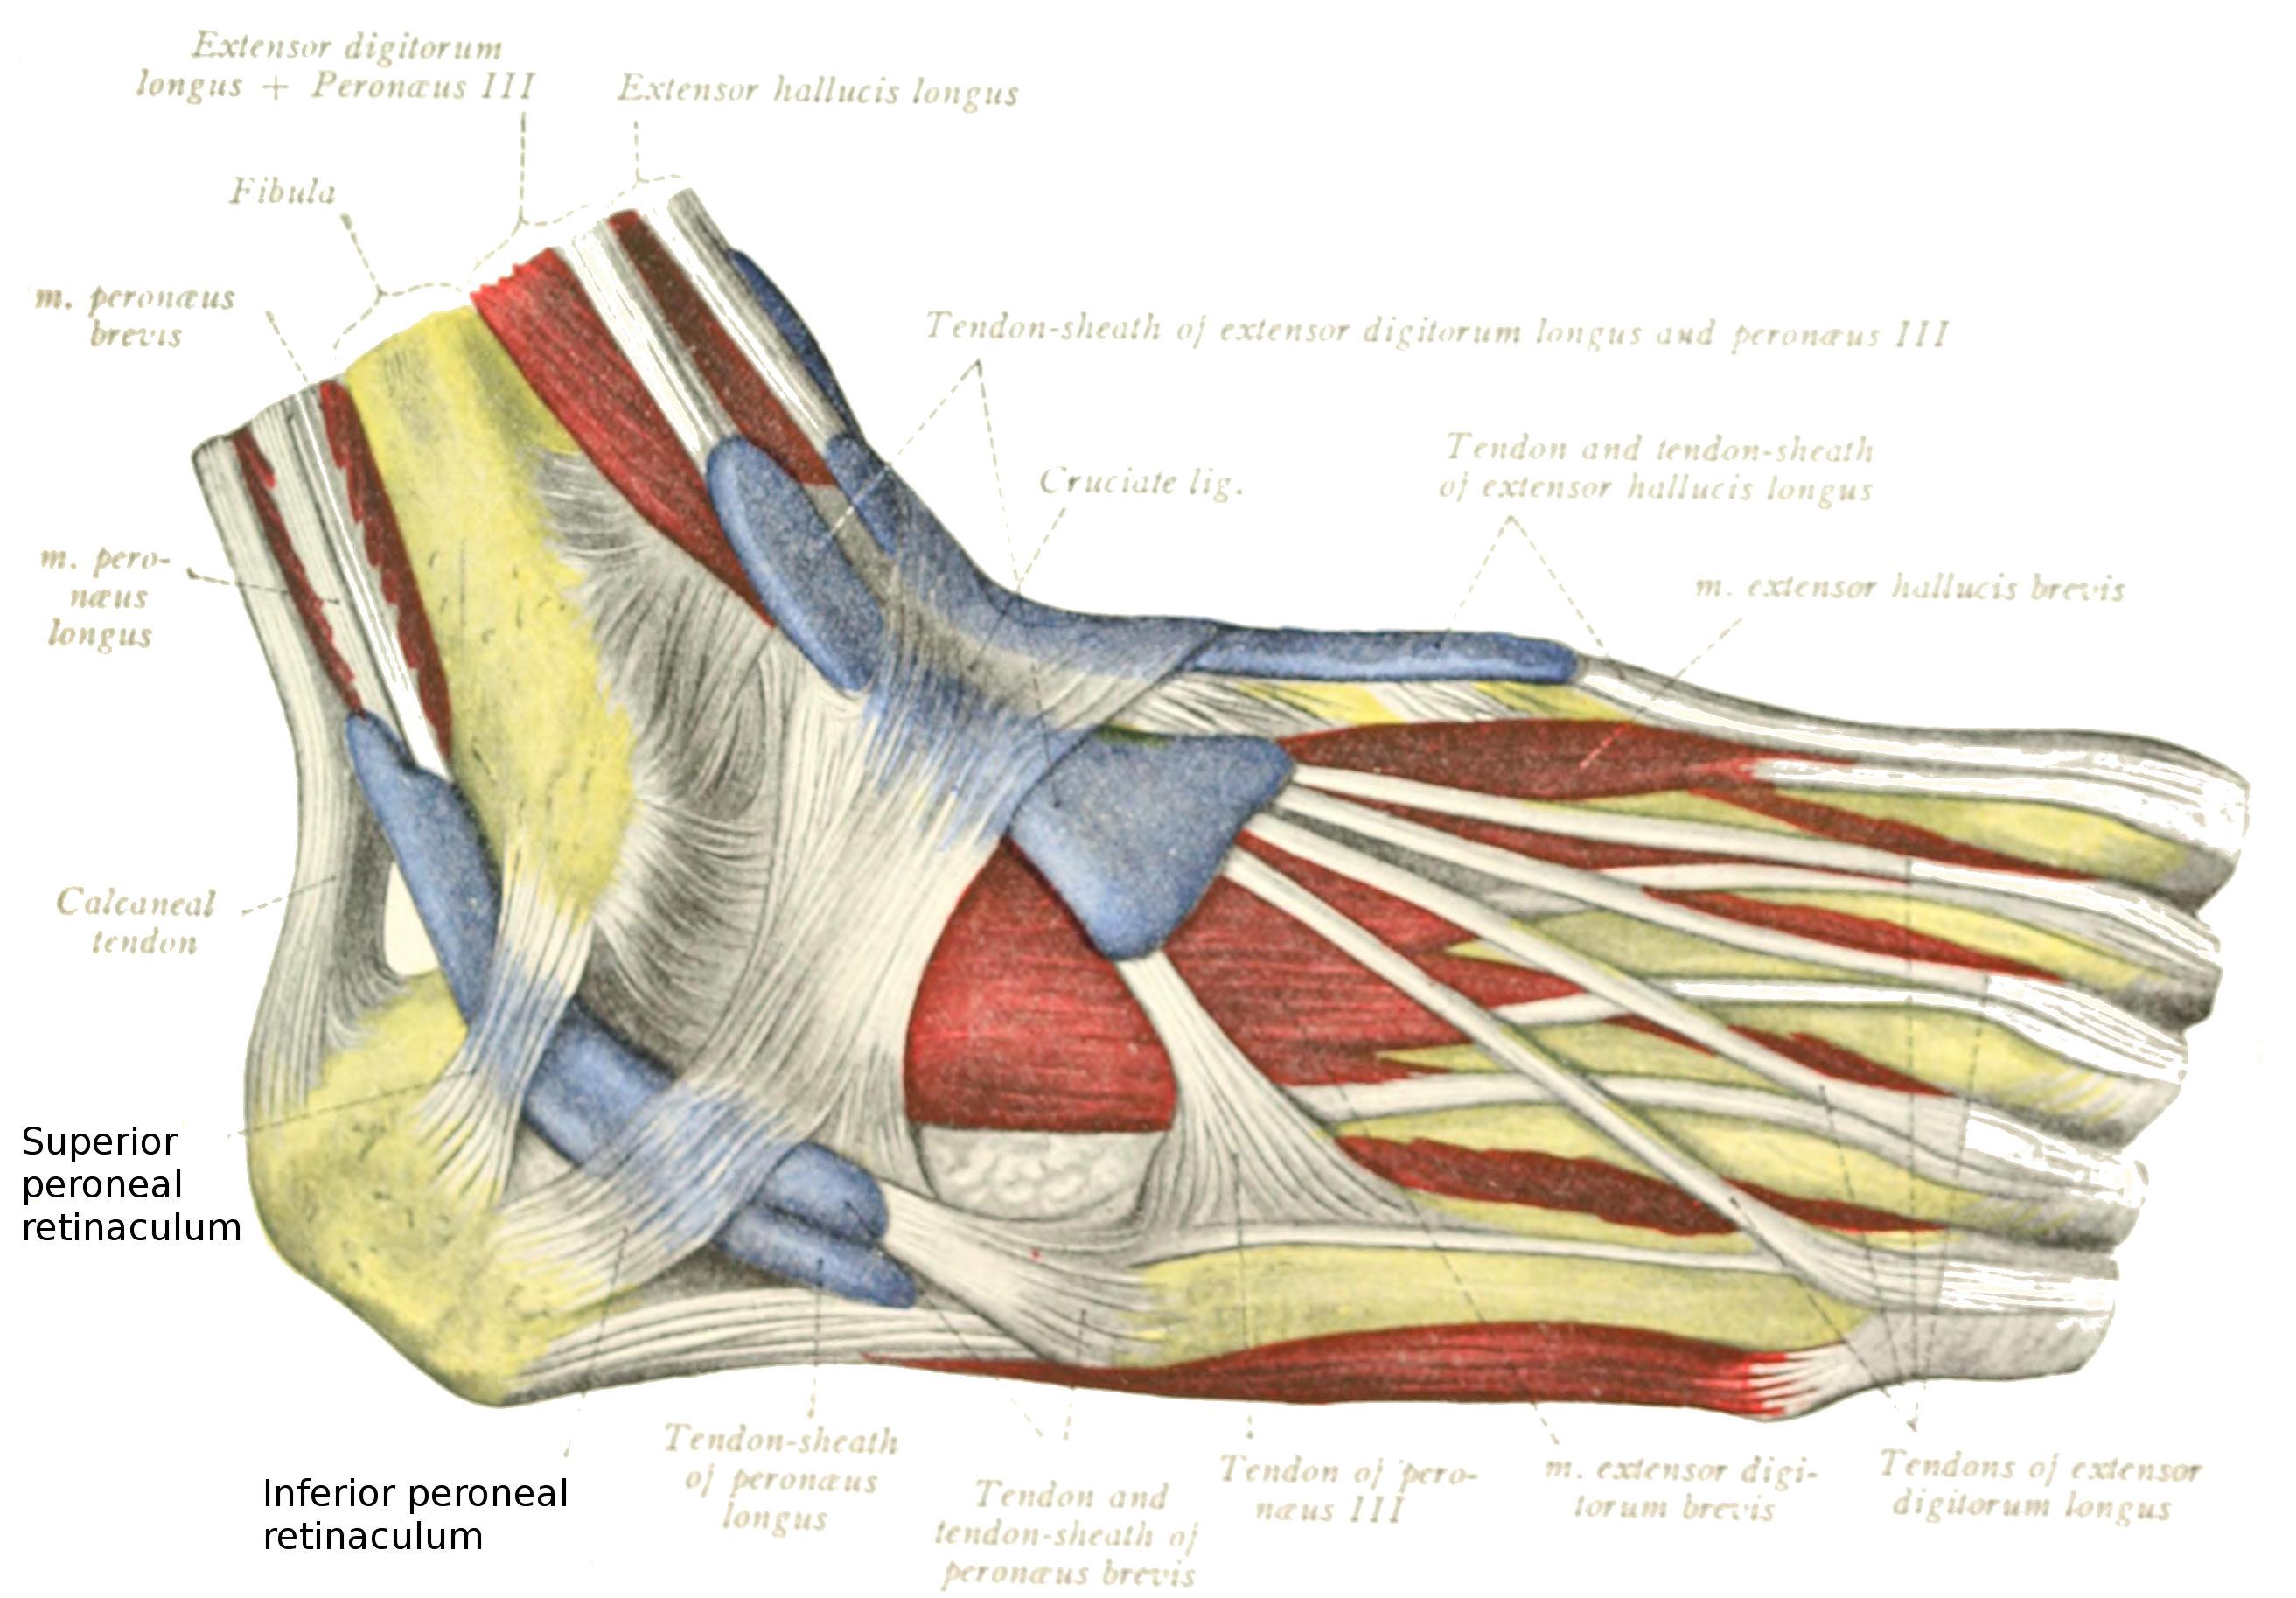 Peroneal retinacula - Wikipedia